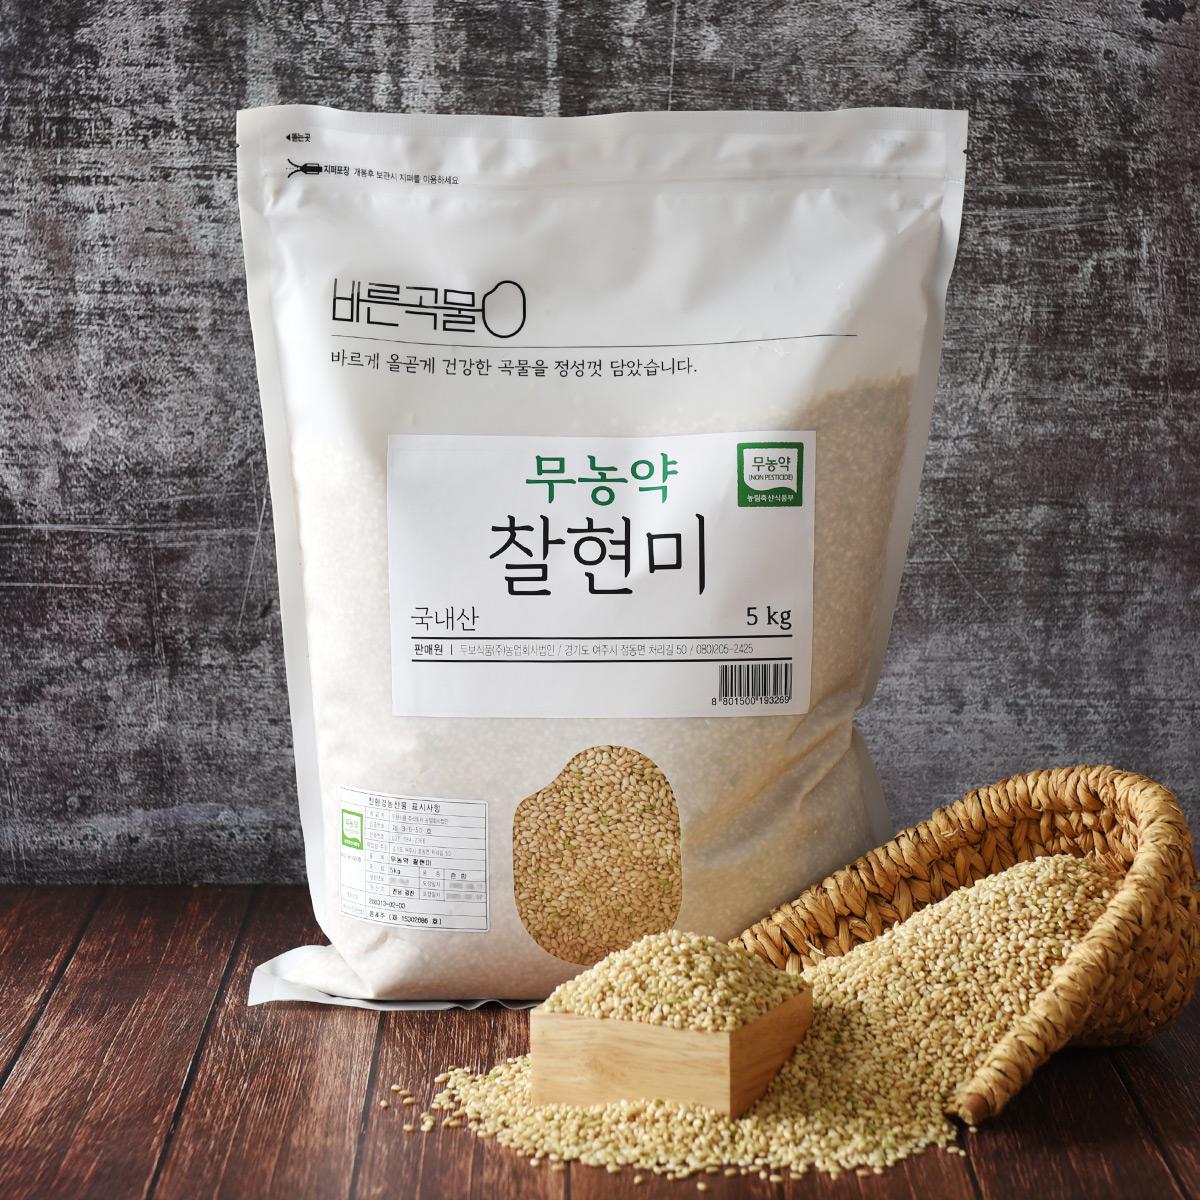 바른곡물 무농약 찰현미, 5kg, 1개